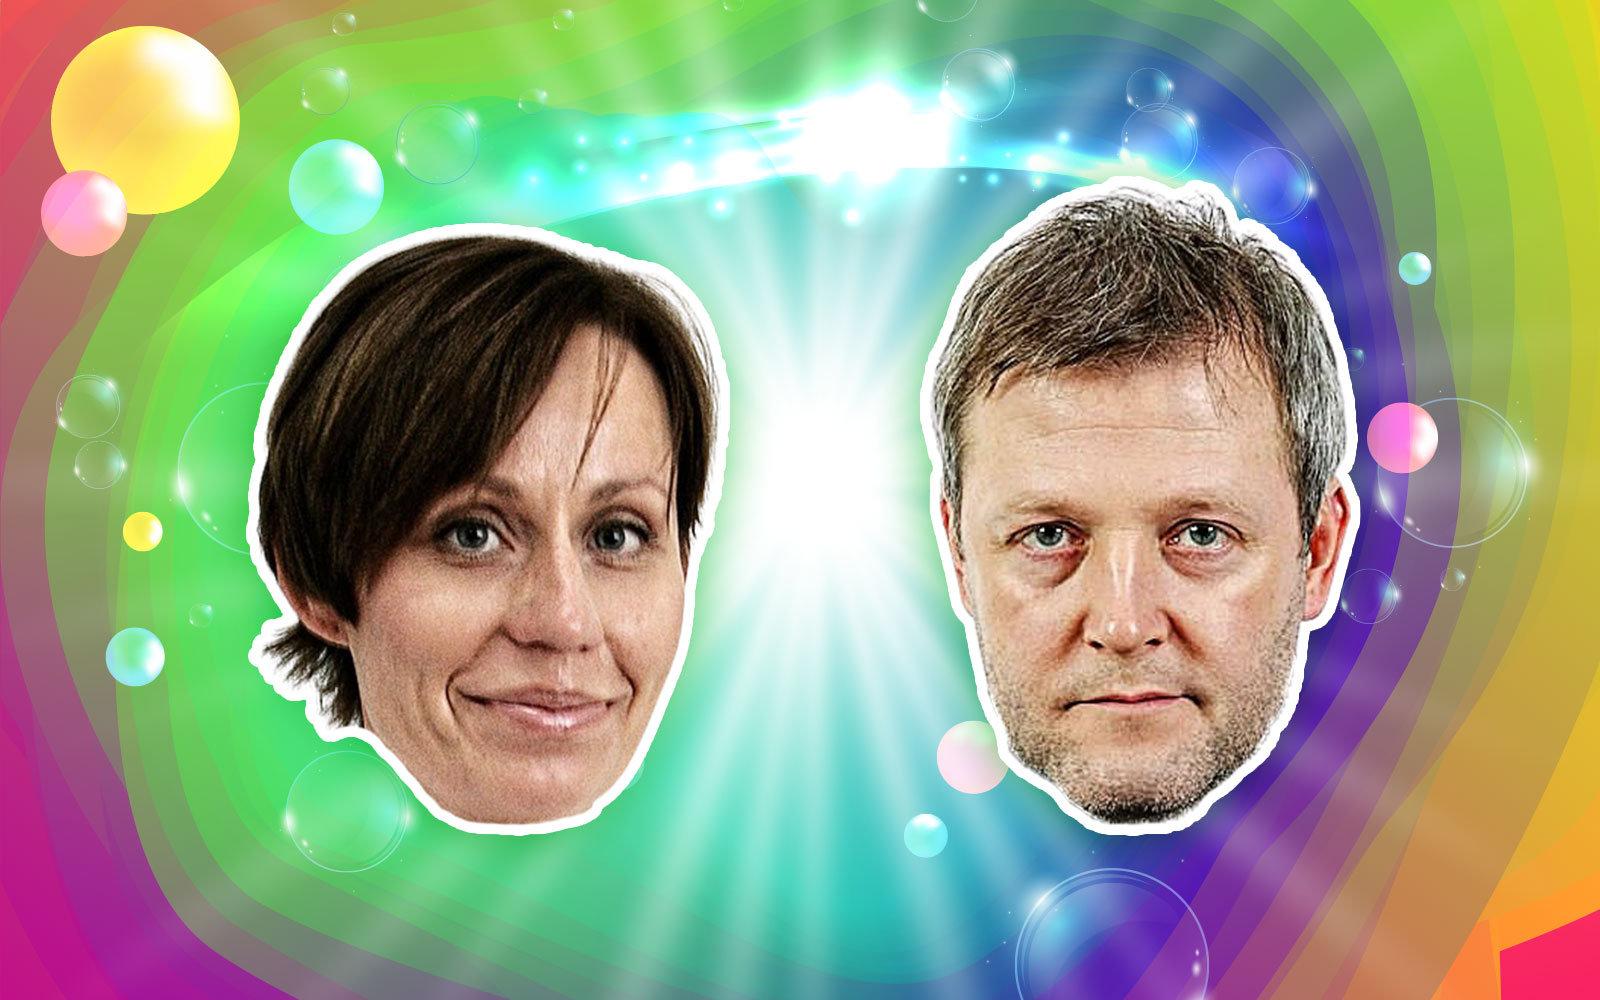 Räpane lahutus:  Eesti pesupulbrikuningas kiskleb naisega vara pärast